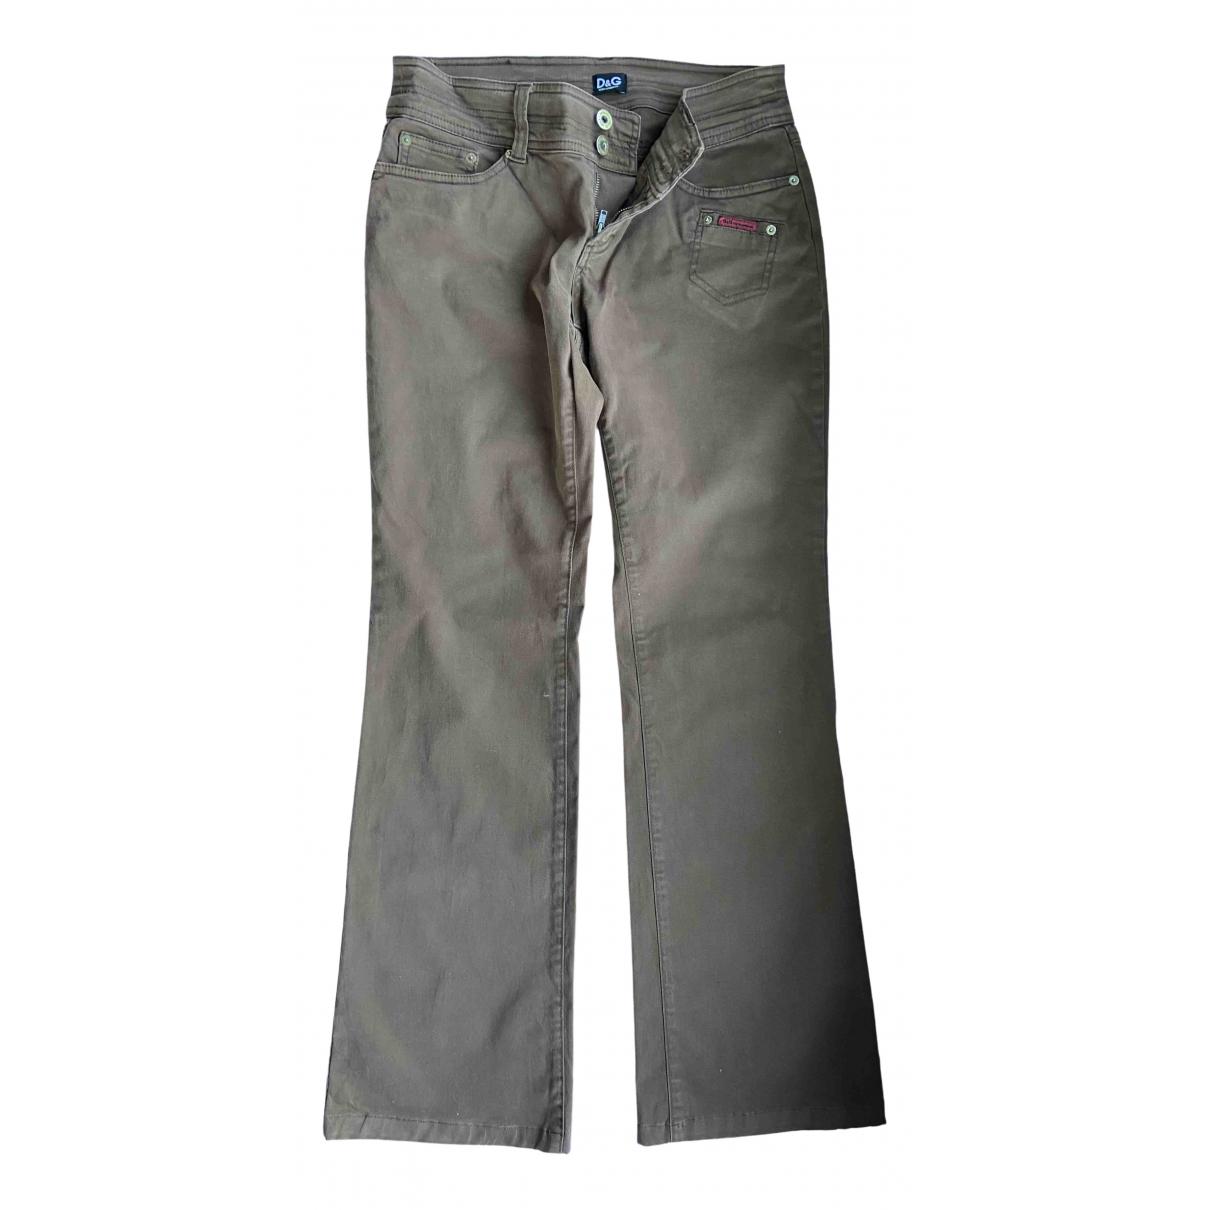 D&g - Pantalon   pour femme en denim - marron